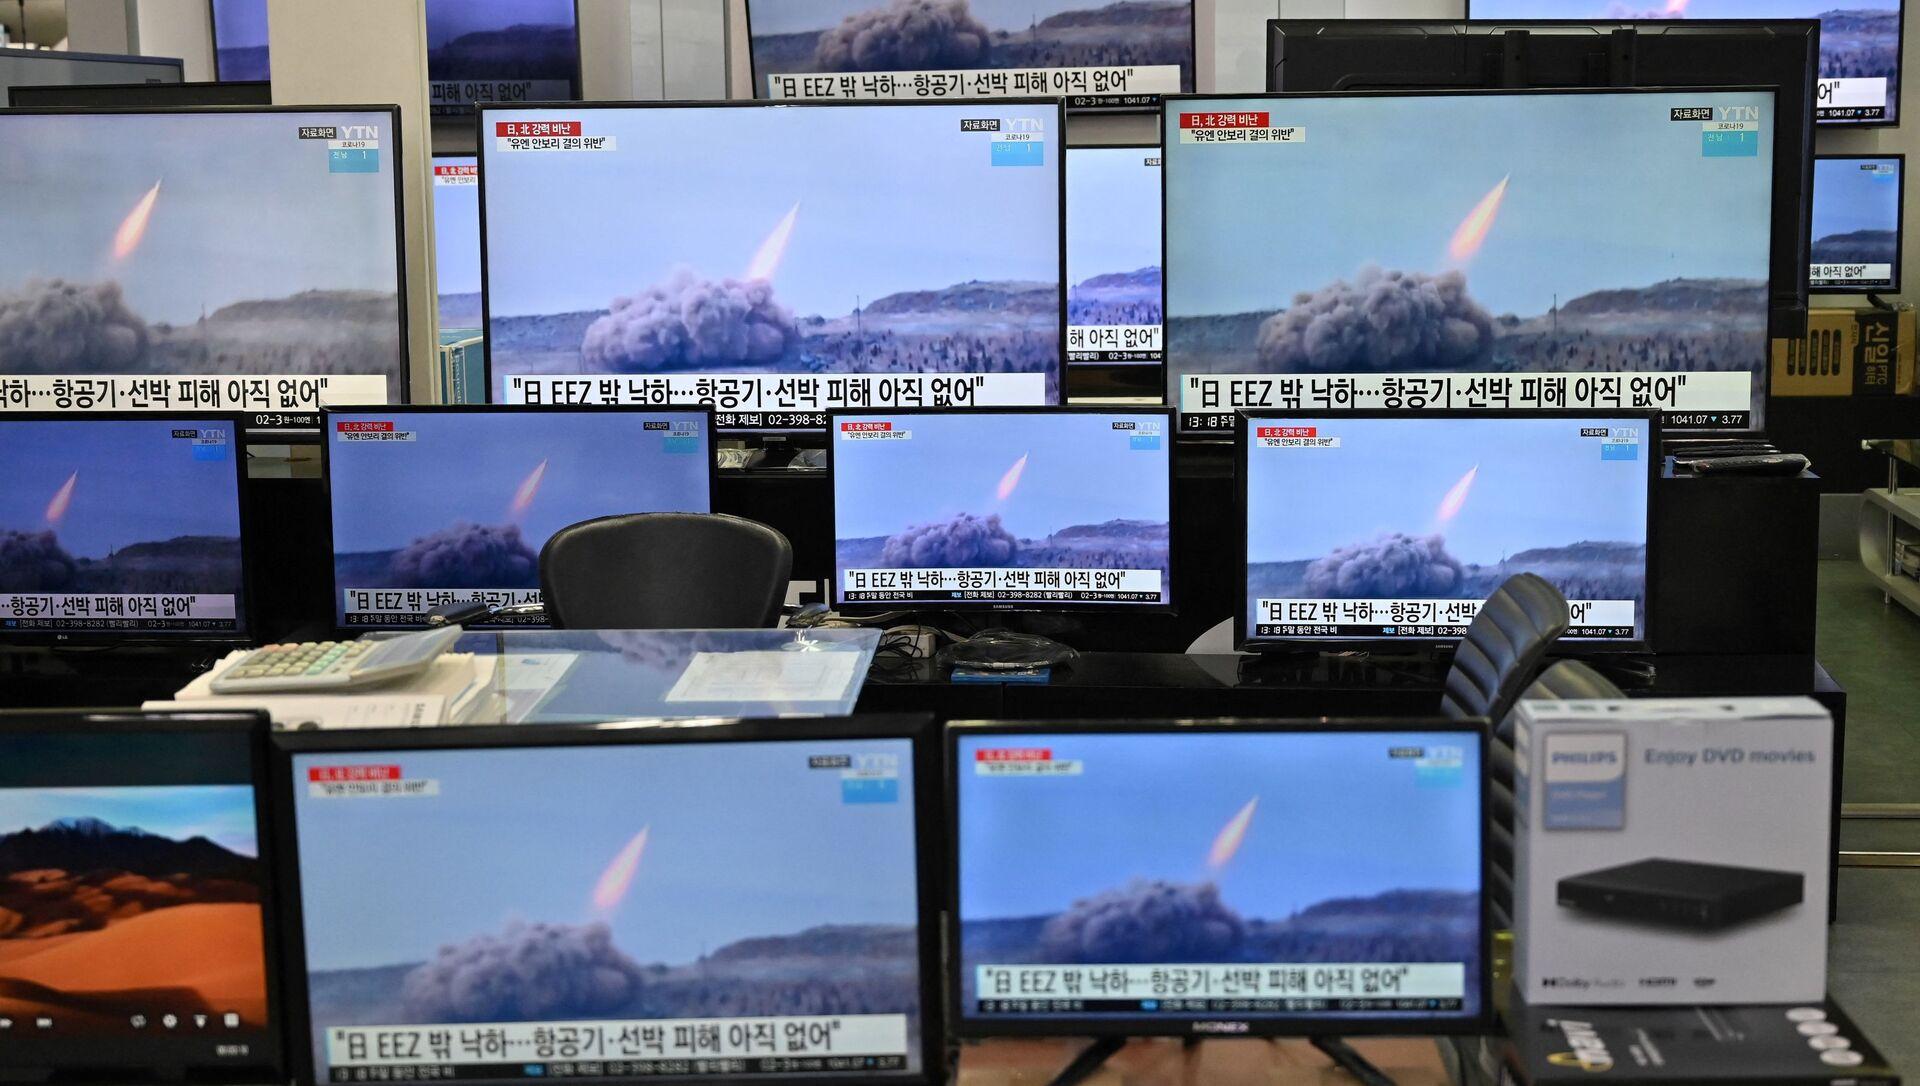 Wiadomości o wystrzeleniu północnokoreańskich rakiet w Seulu - Sputnik Polska, 1920, 25.03.2021